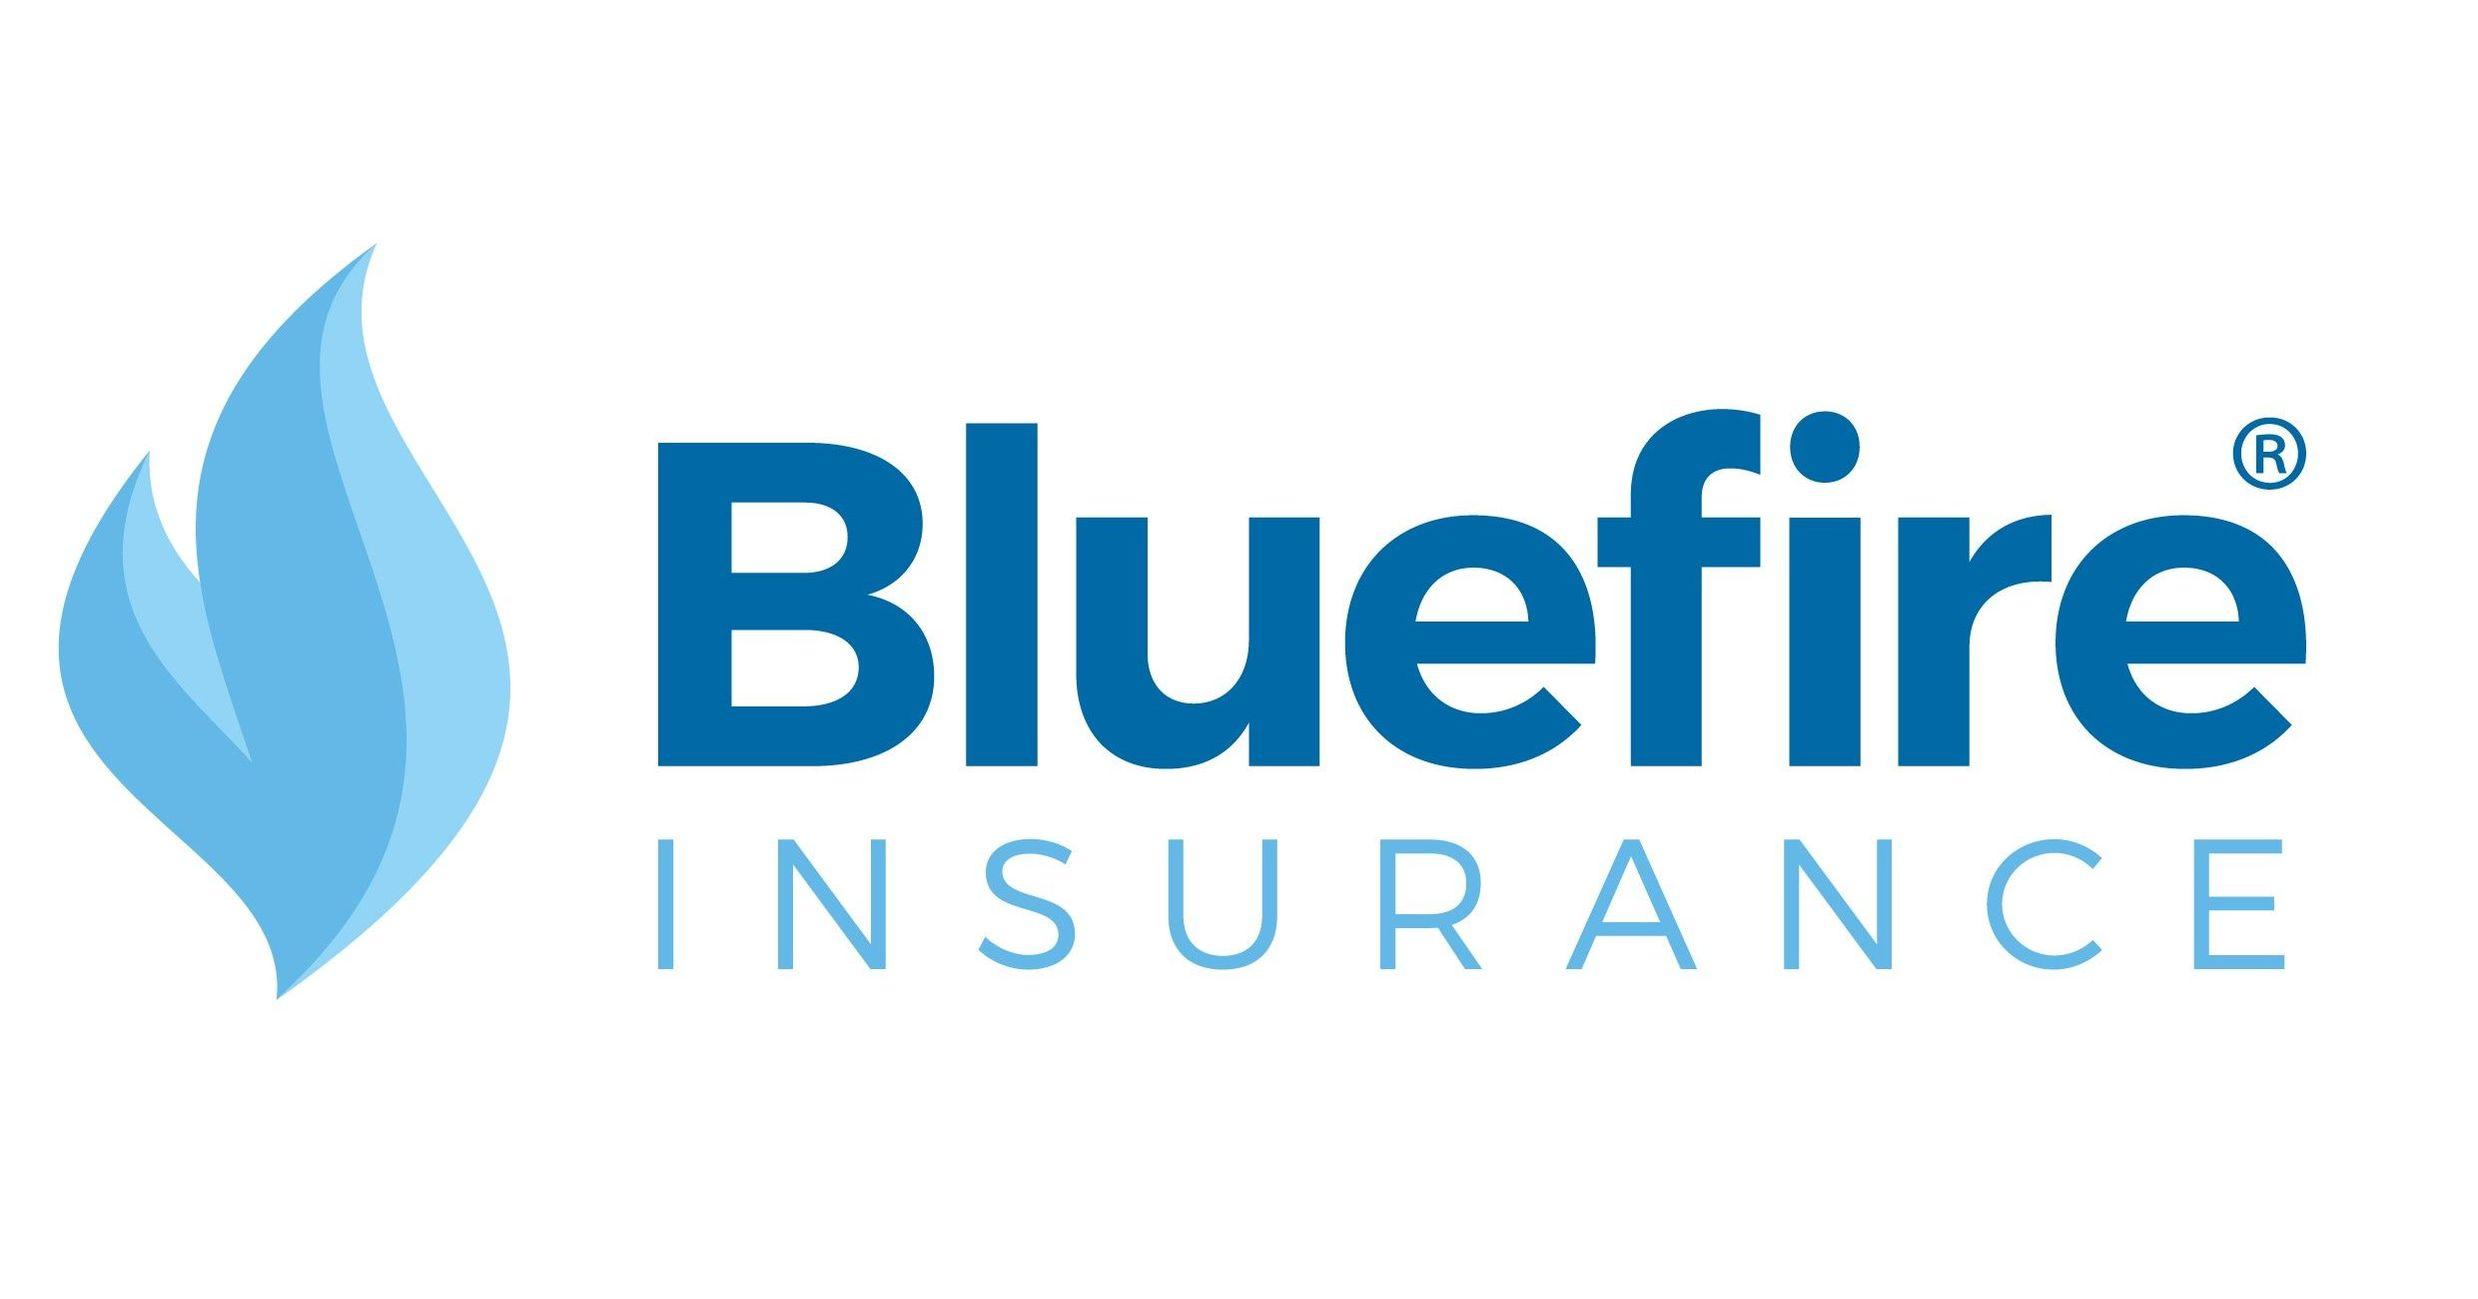 Bluefire Insurance And Axa Xl Reinsurance Enter Alternative Capital Reinsurance Transaction